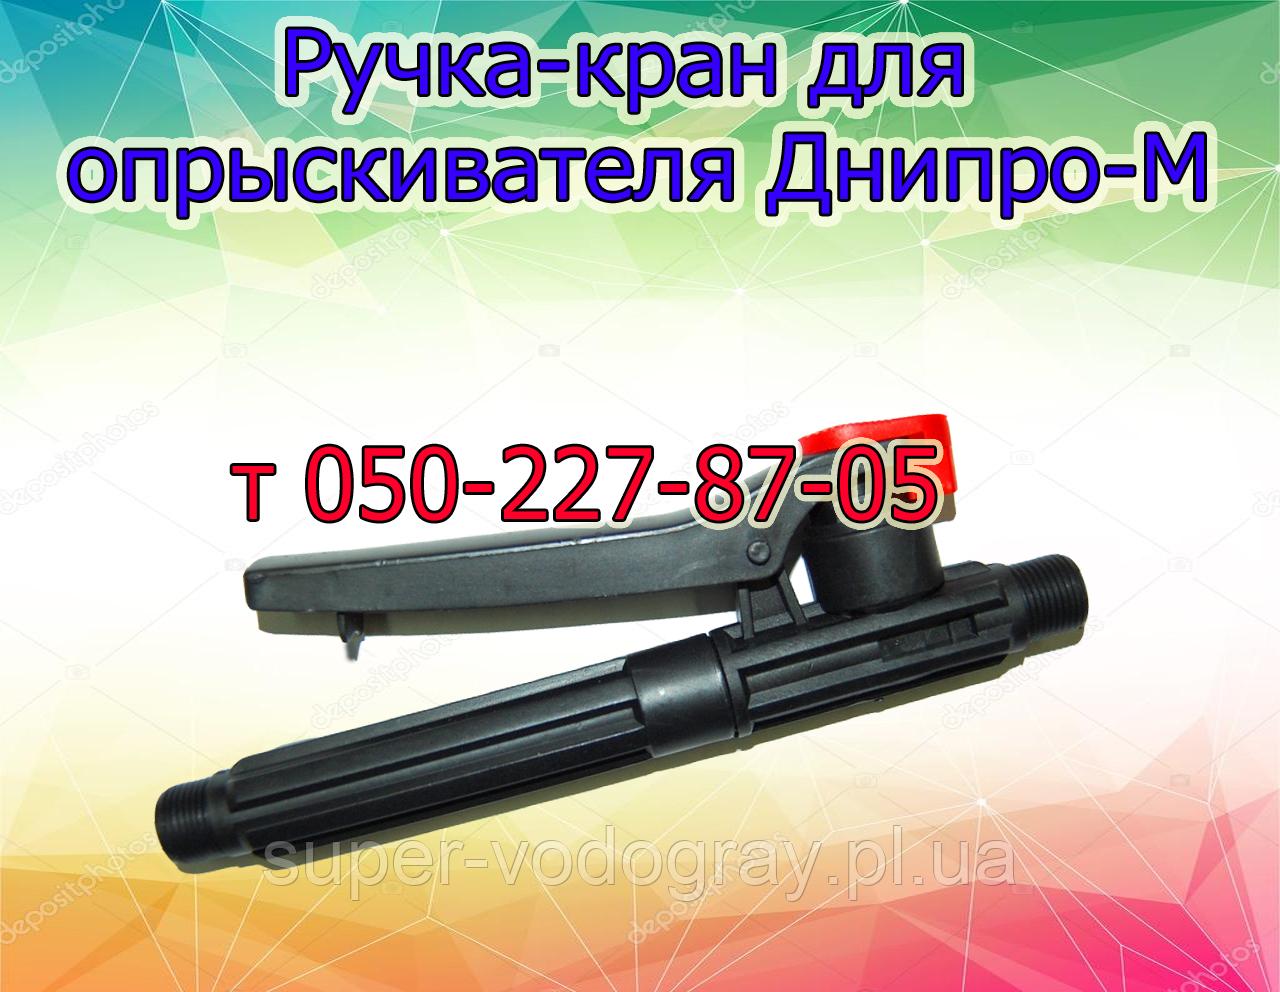 Ручка-кран для акумуляторного обприскувача Дніпро-М